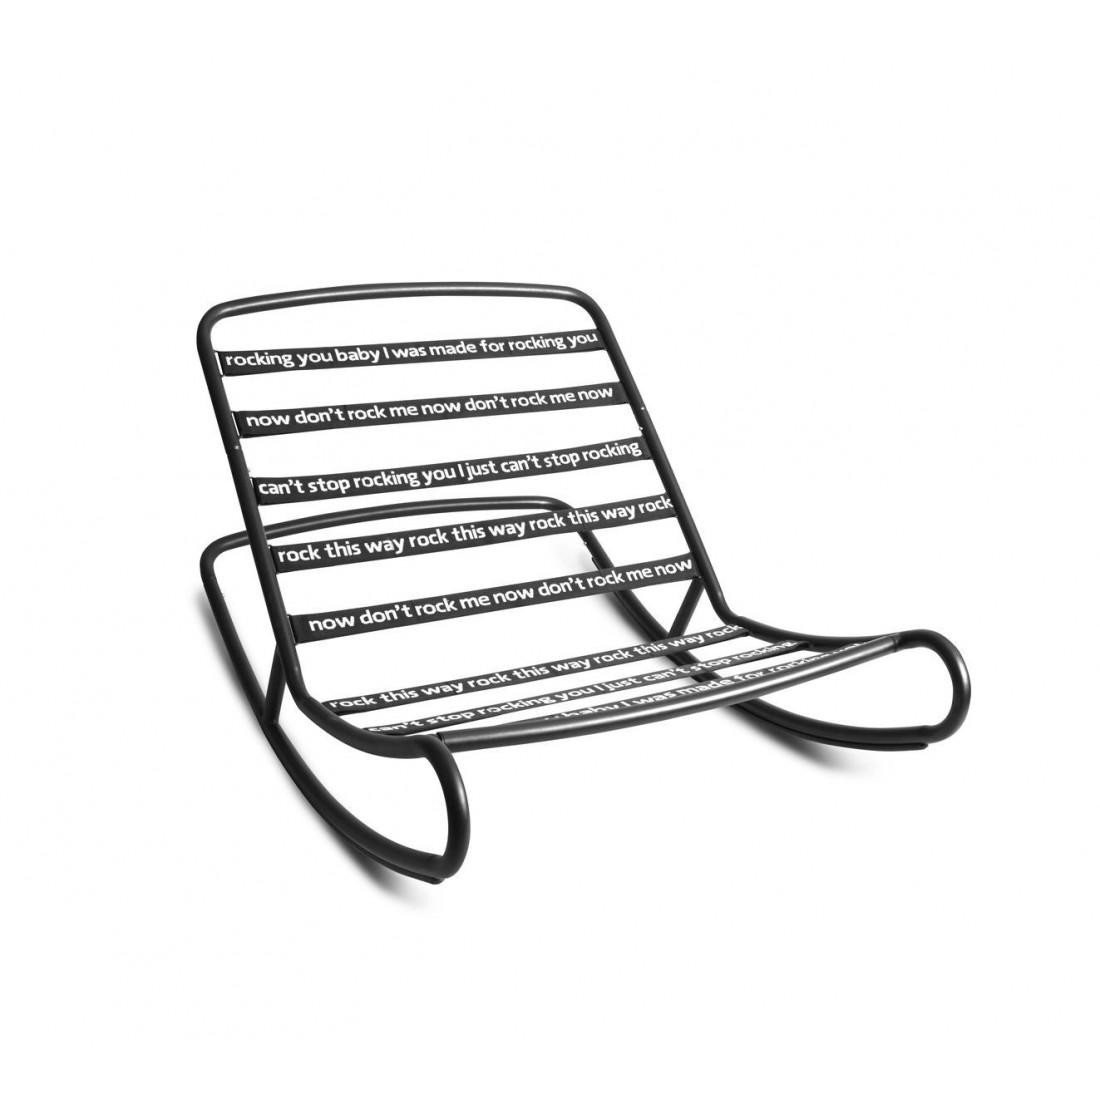 Rocking Chair Rock'n Roll Fatboy